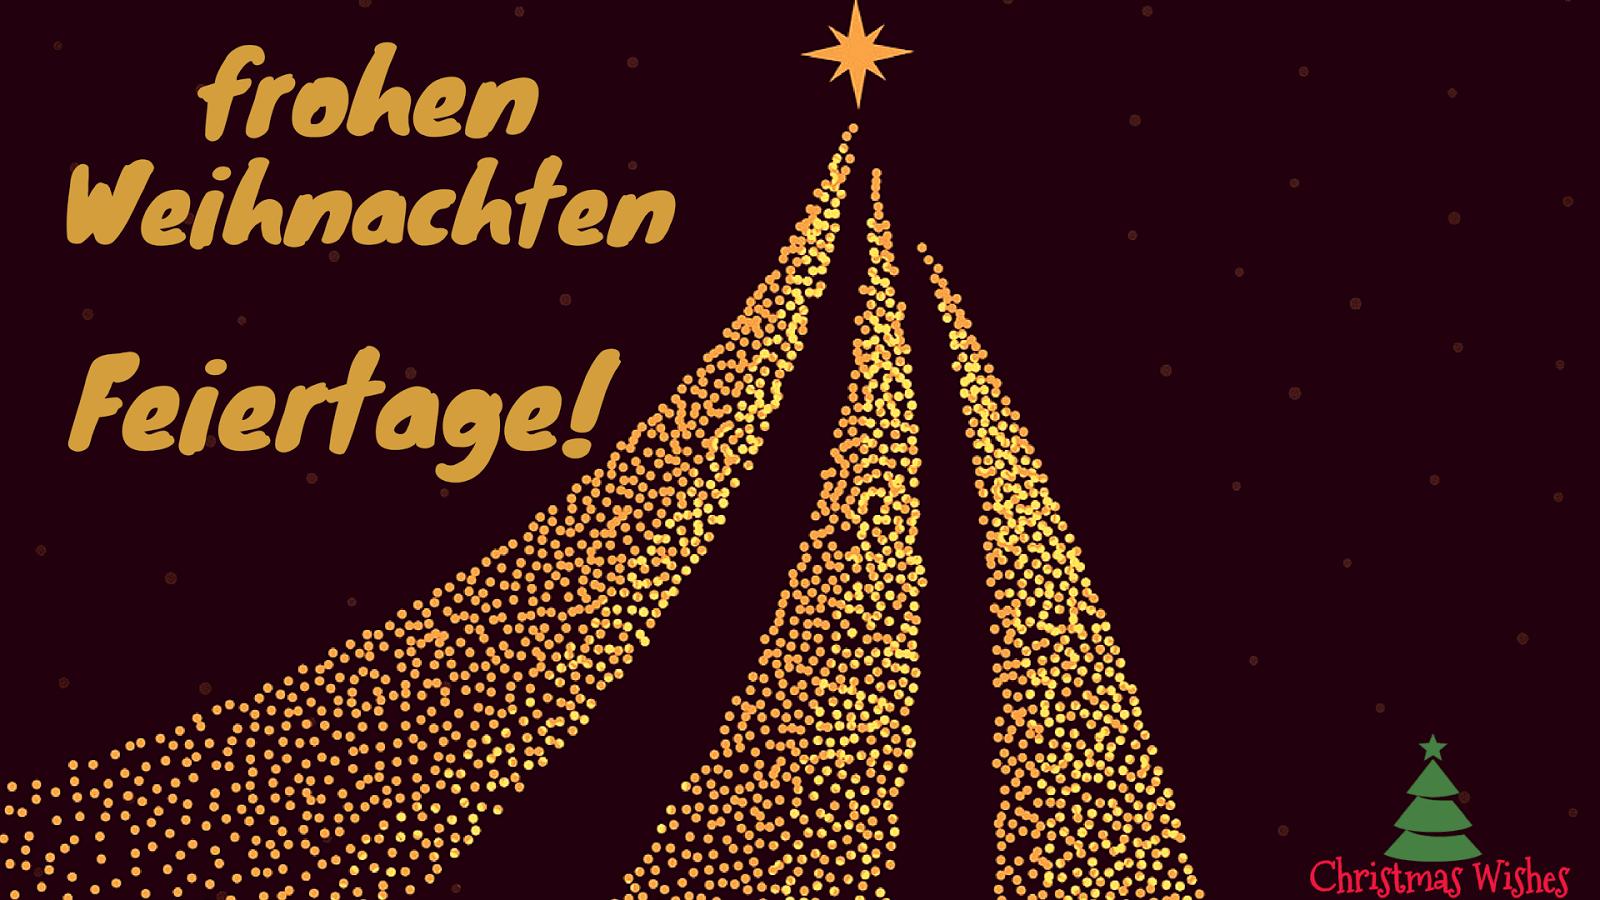 Frohe Und Gesegnete Weihnachten.20 Frohe Weihnachten Bilder Facebook 2018 Frohes Weihnachten Und